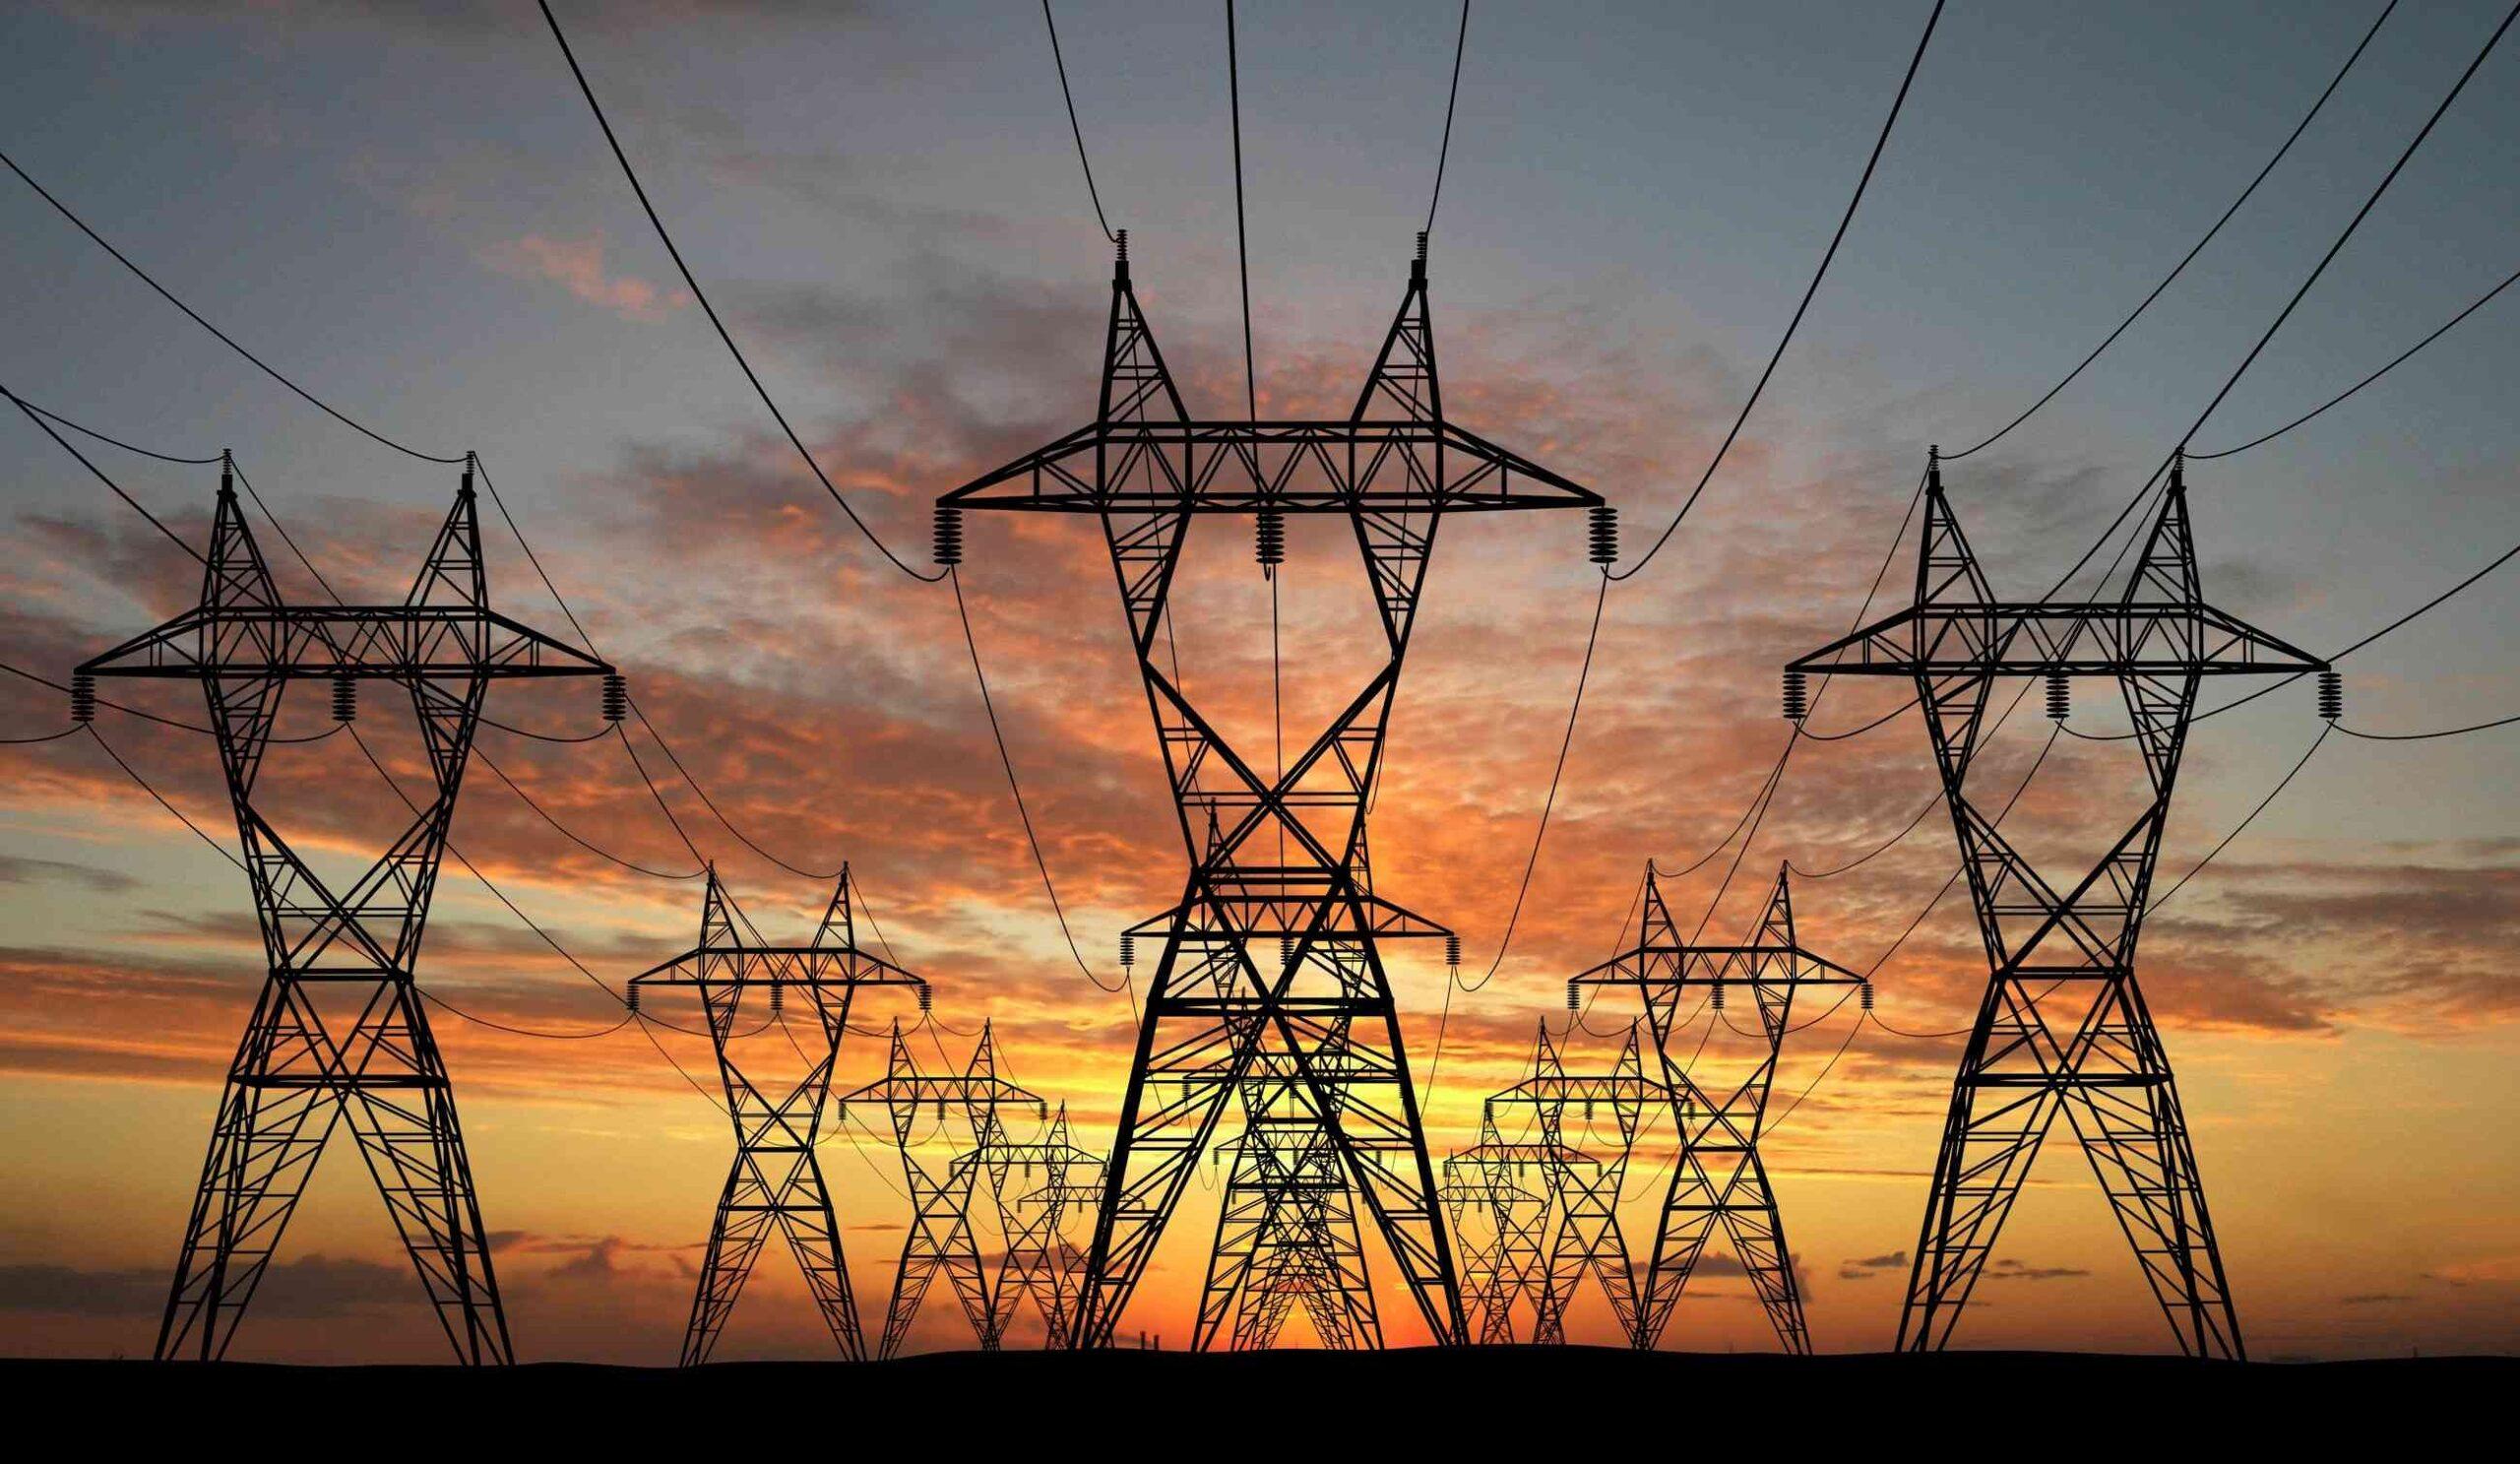 على ماذا يدل تضارب تصريحات وزير الكهرباء مع مدير محطة تشرين الحرارية؟